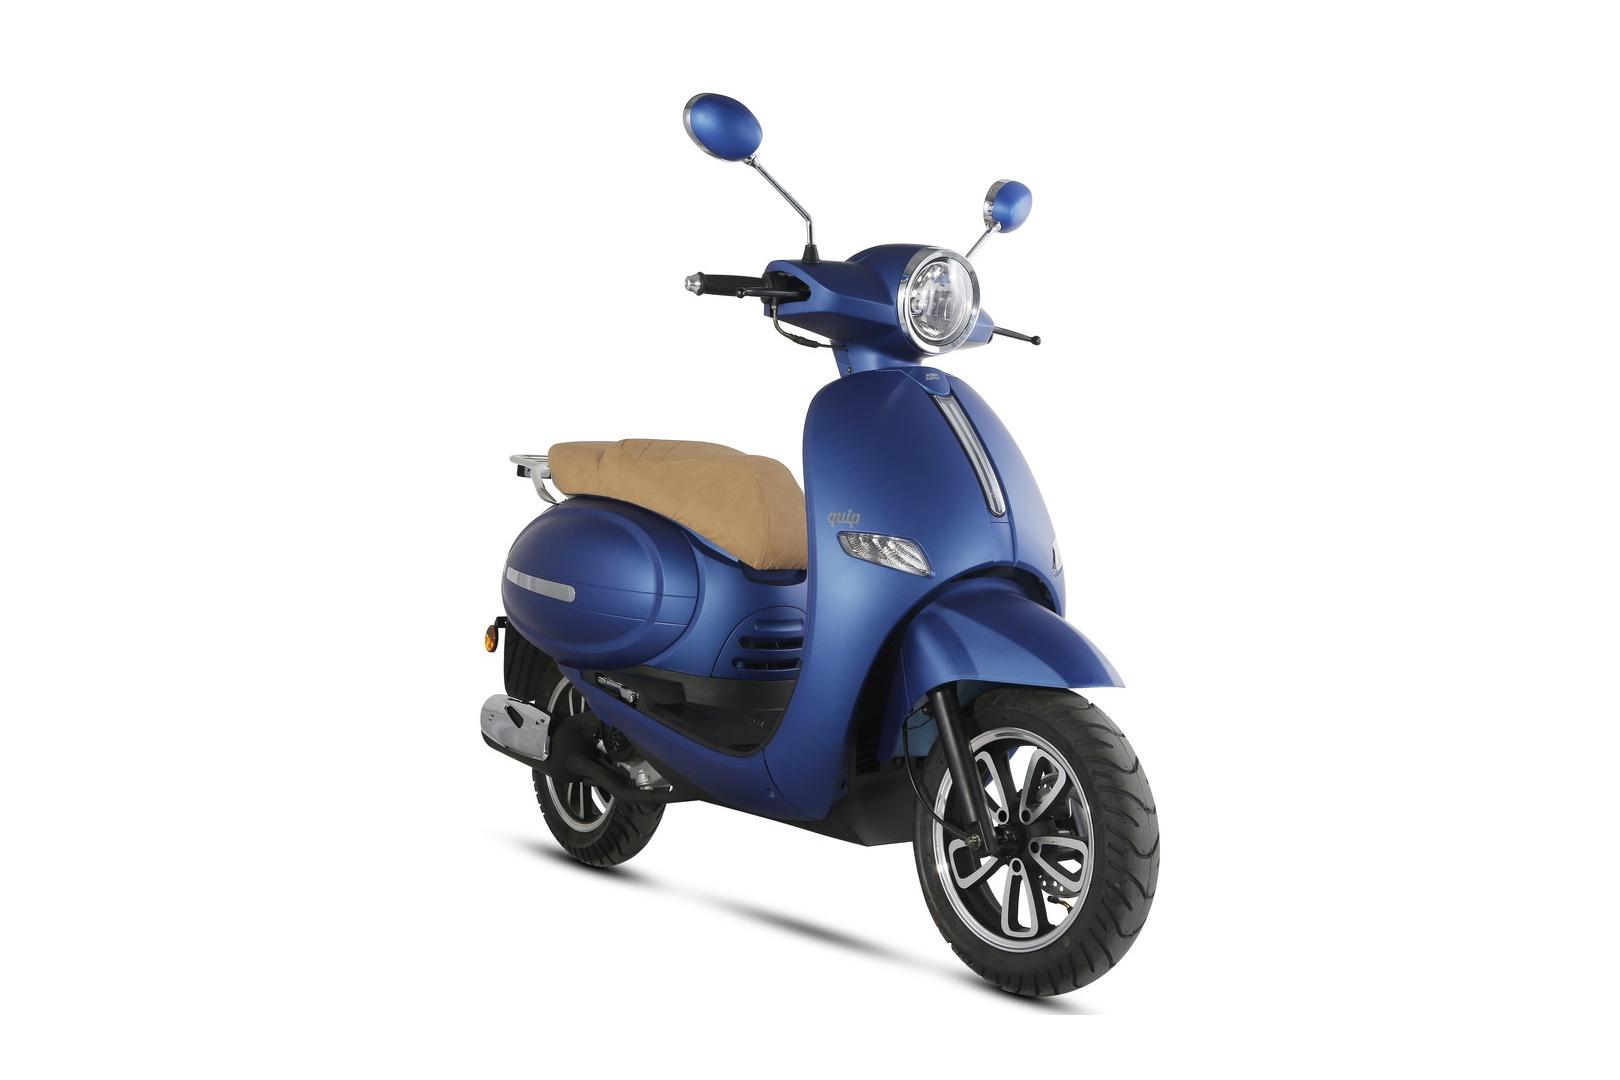 KSR Quip 125 y 50: un scooter de aire retro a precio imbatible